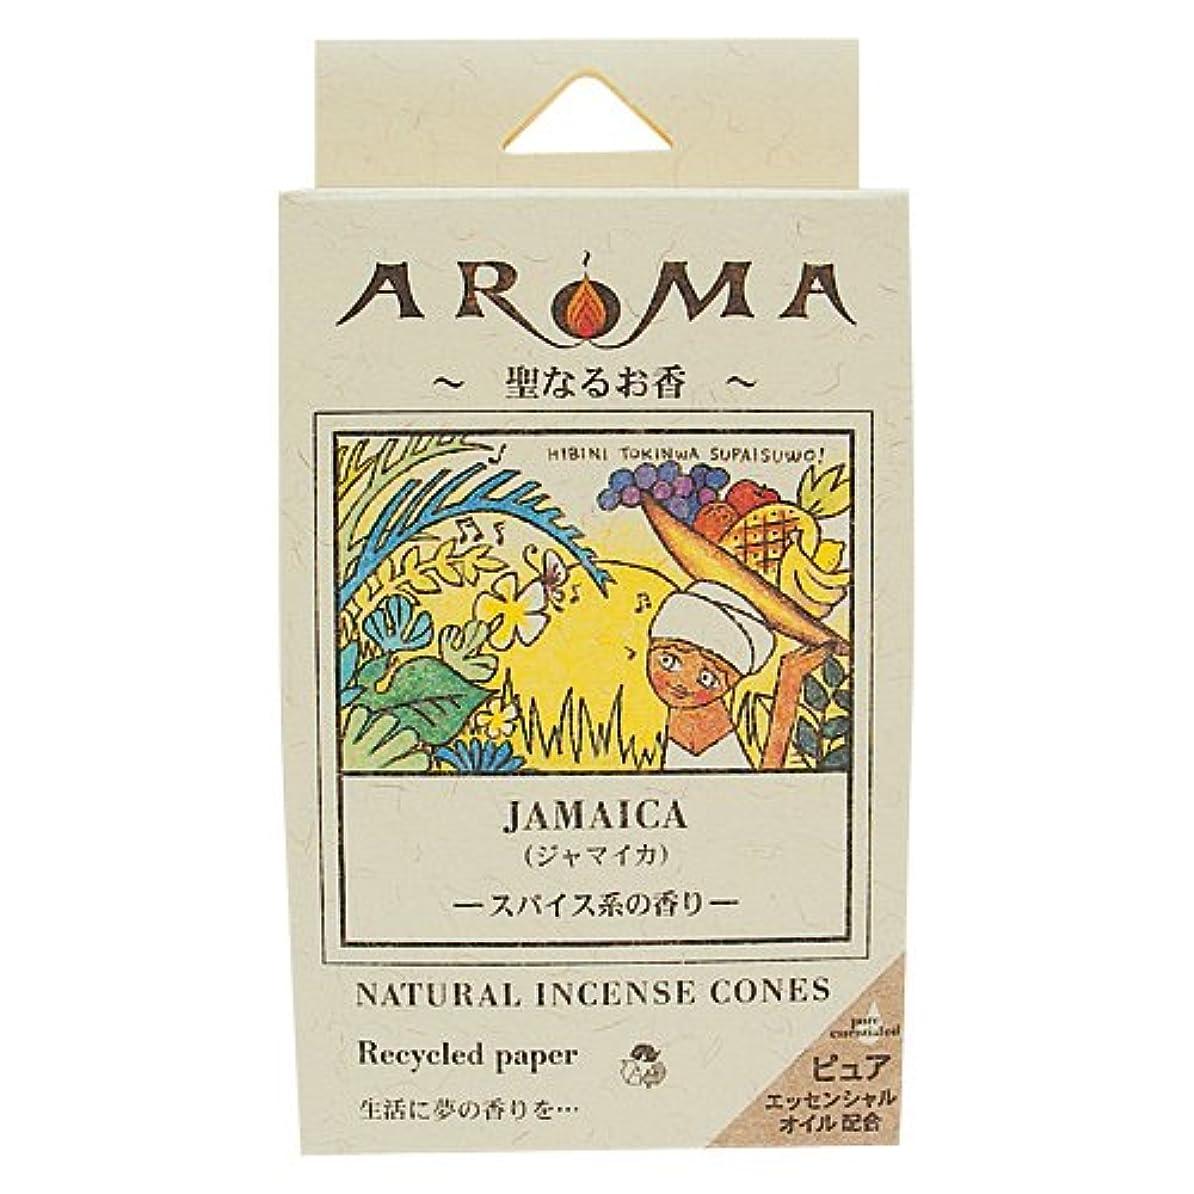 ブラウズシステム読むアロマ香 ジャマイカ 16粒(コーンタイプインセンス 1粒の燃焼時間約20分 スパイス系の香り)